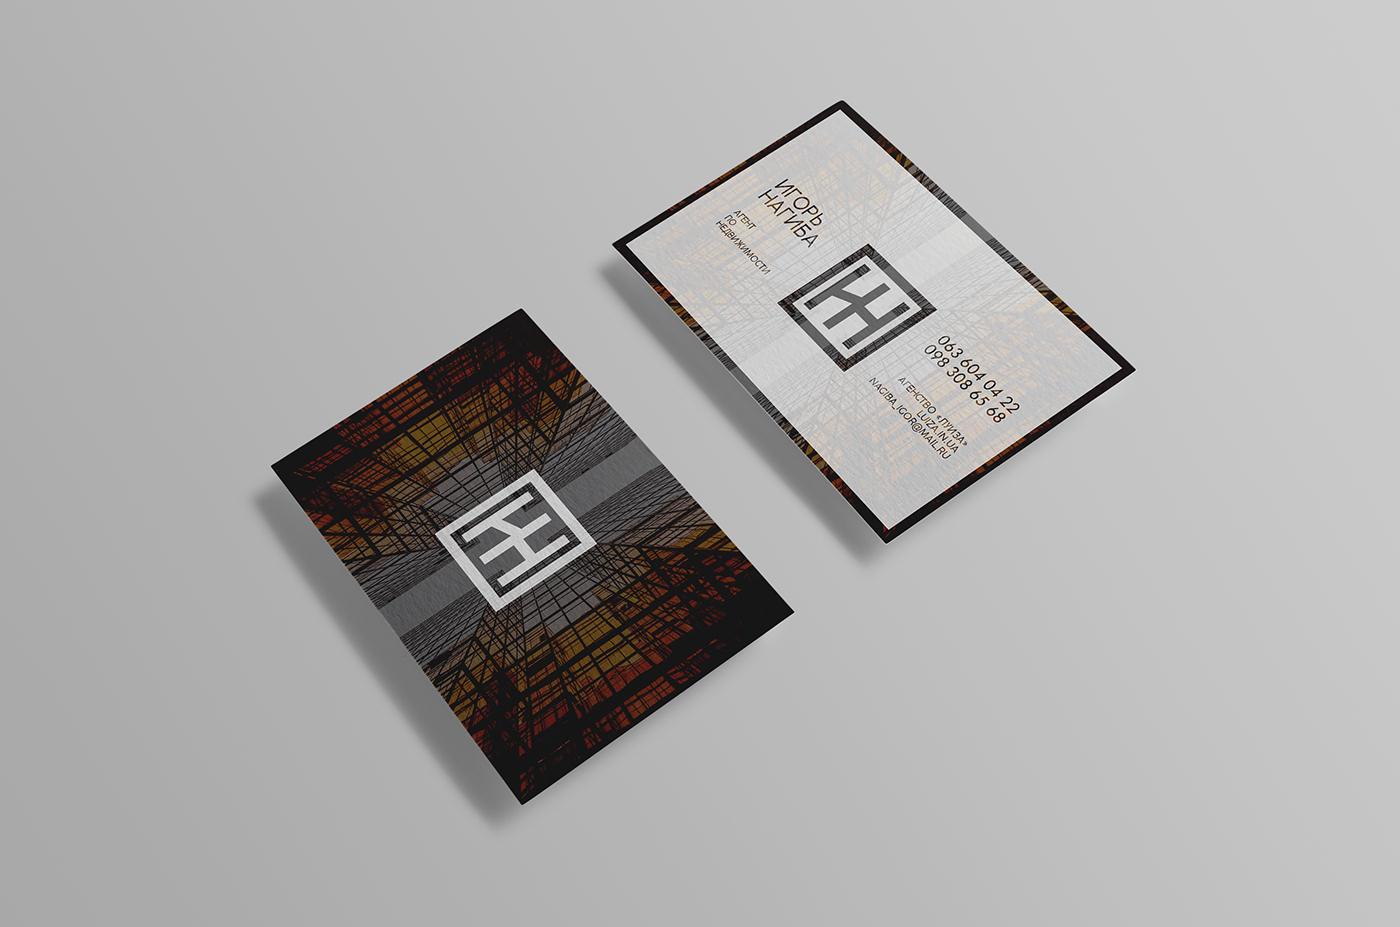 Ben noto Esempio biglietto da visita per Agente Immobiliare | Luca Centurelli MK56